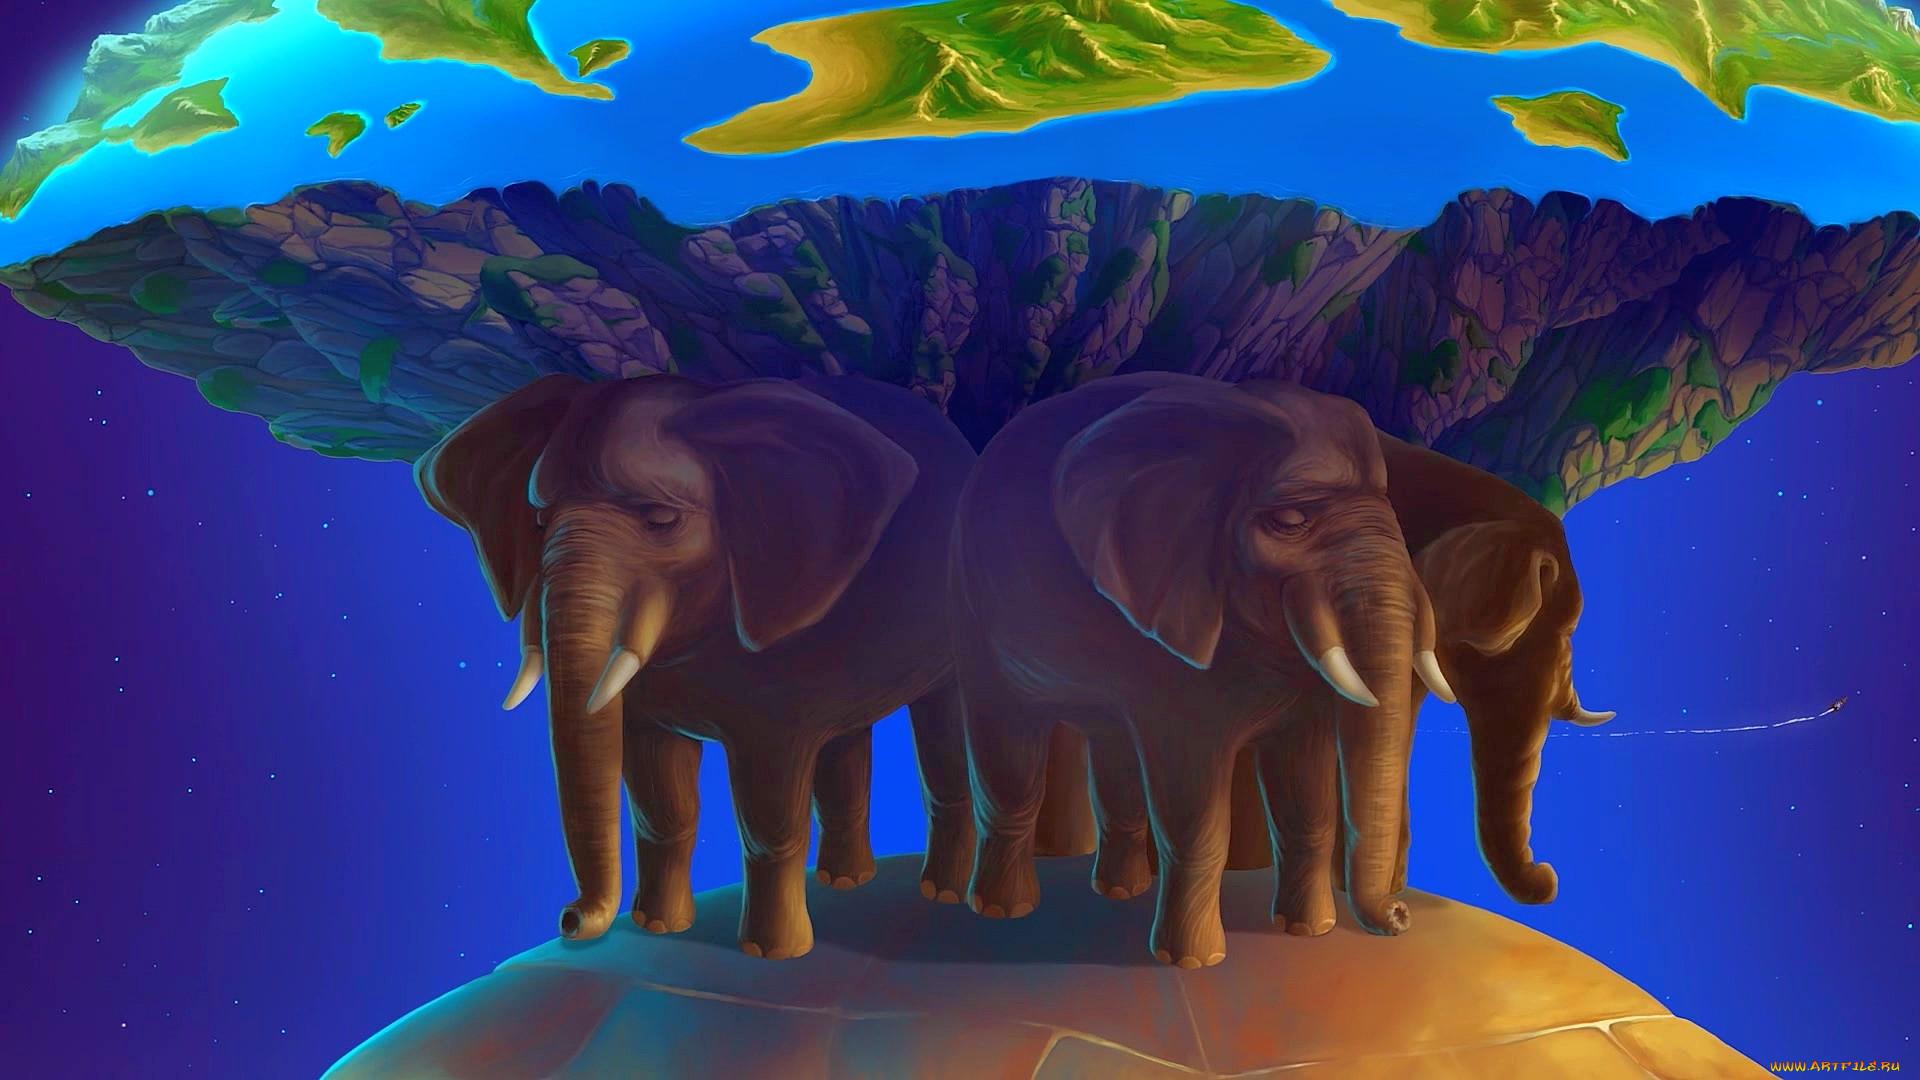 плоская земля картинки со слонами карта дорохово